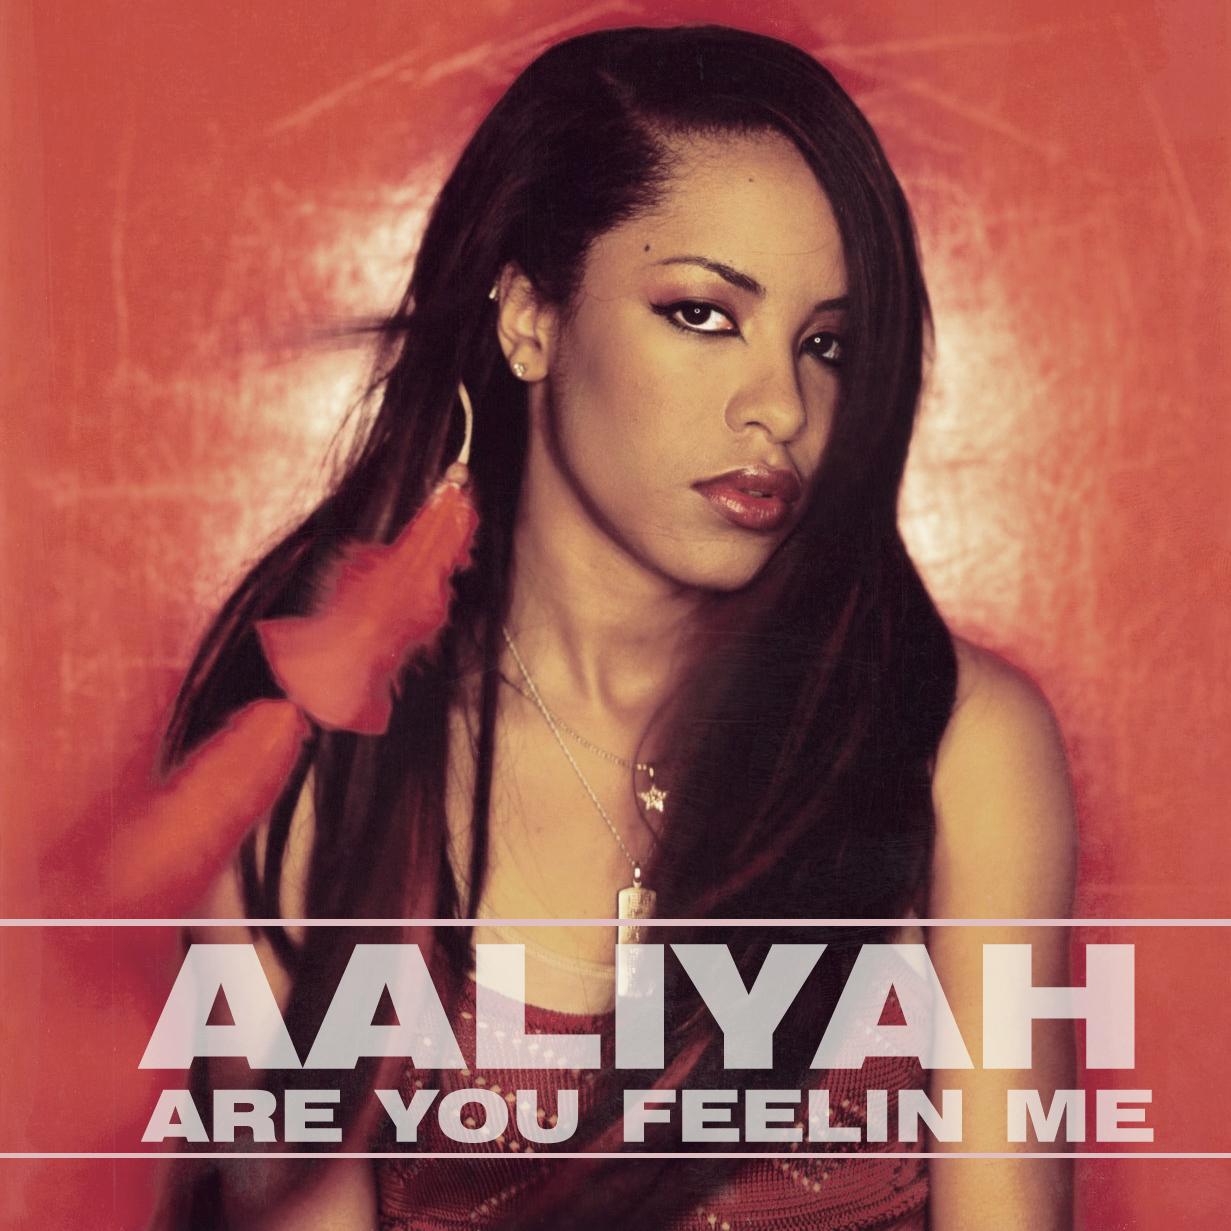 http://4.bp.blogspot.com/-plMkawpBsO8/UFRlyYU8f-I/AAAAAAAAAHM/oTW2TjXfYqU/s1600/ARE+YOU+FEELIN+ME.jpg